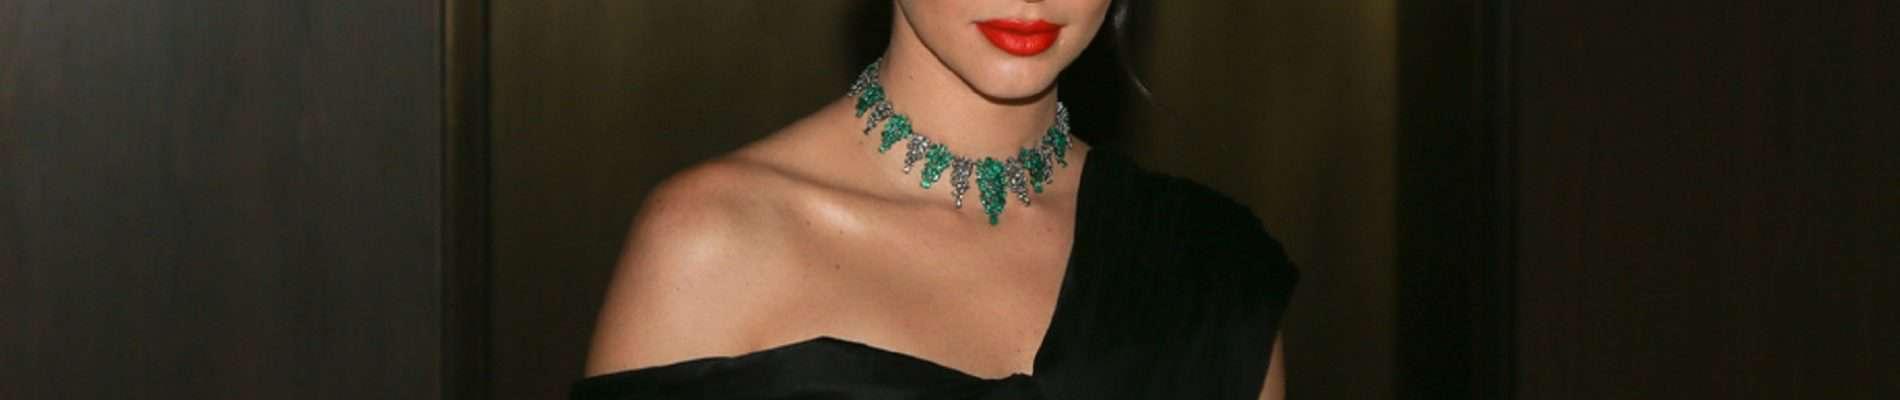 באמת, קנדל ג'נר היא אייקון האופנה של העשור? הנה 5 נשים יותר חשובות בתחום ממנה